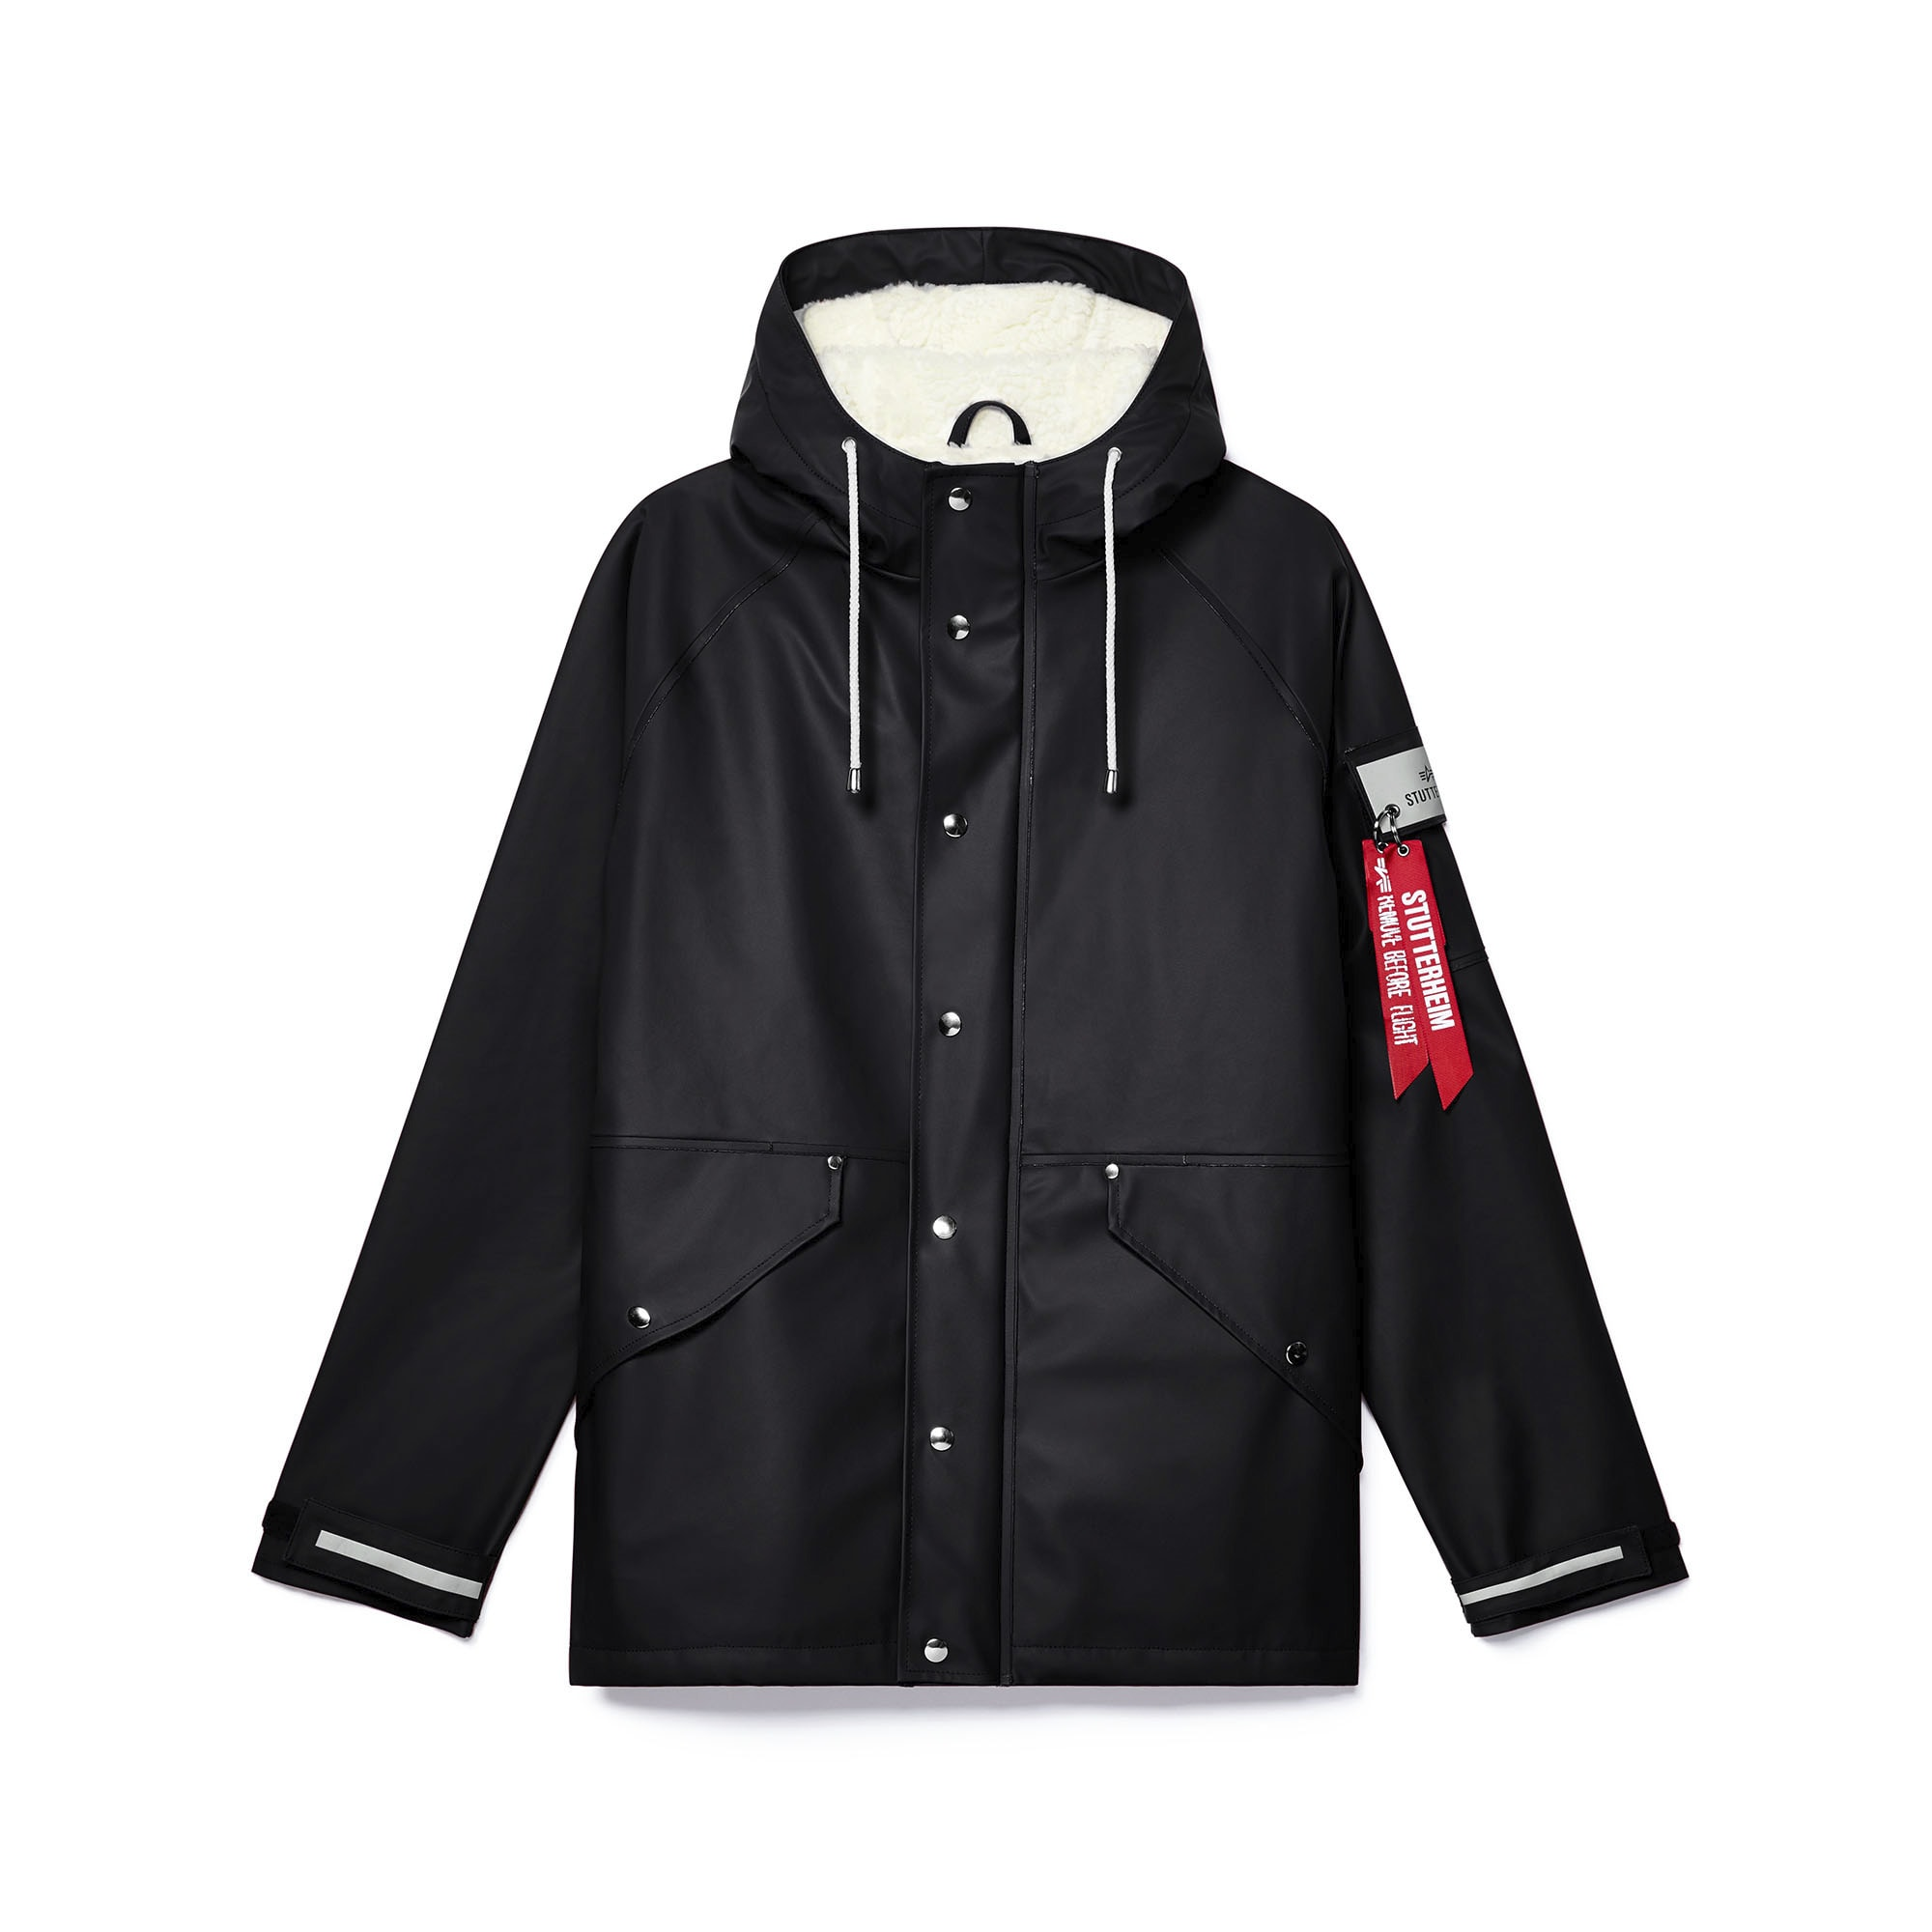 Stutterheim x Alpha Industries Jacket